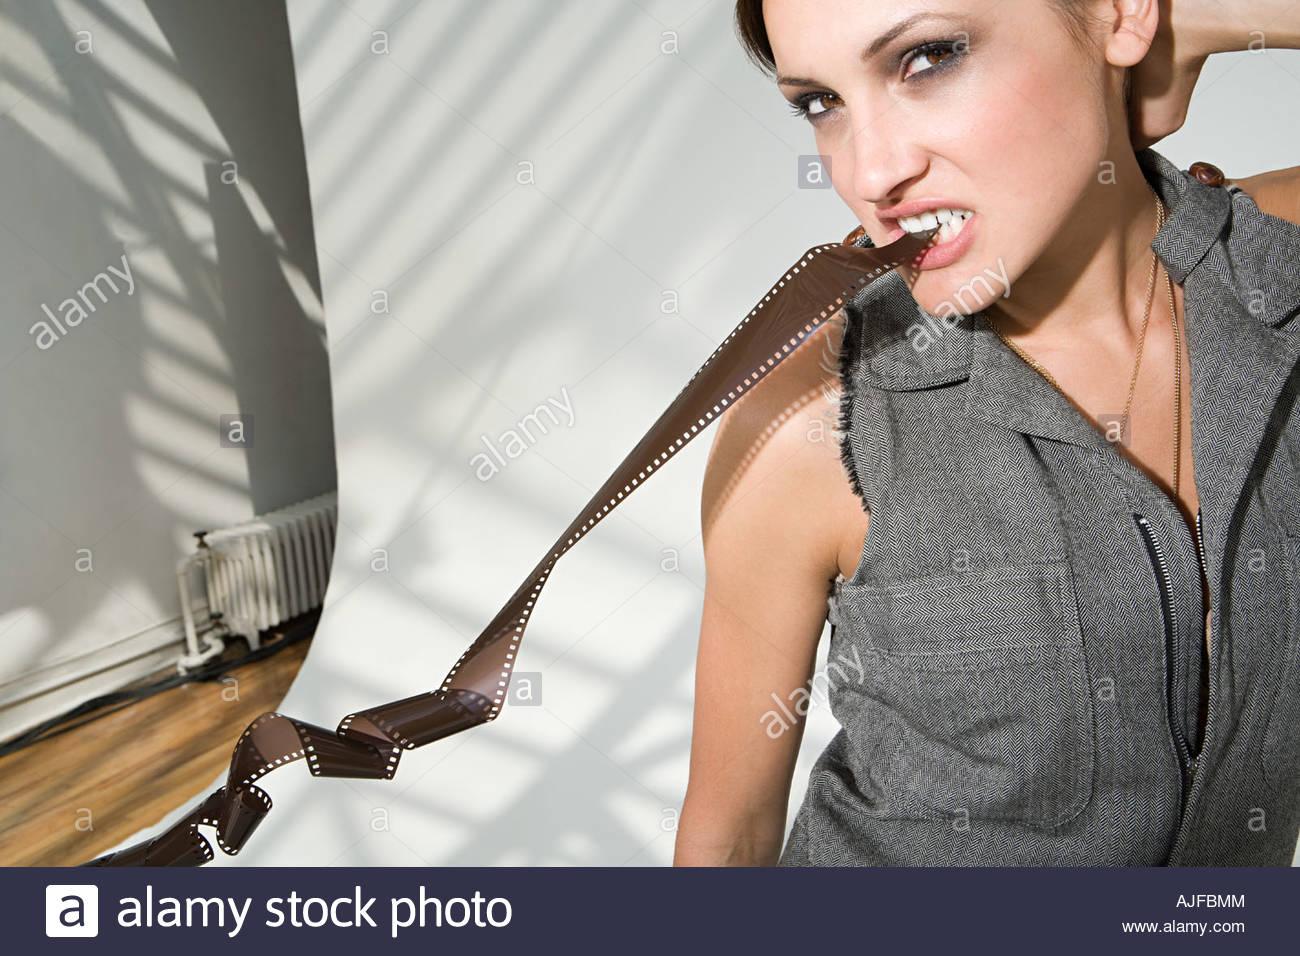 Woman biting sur film photographique Photo Stock